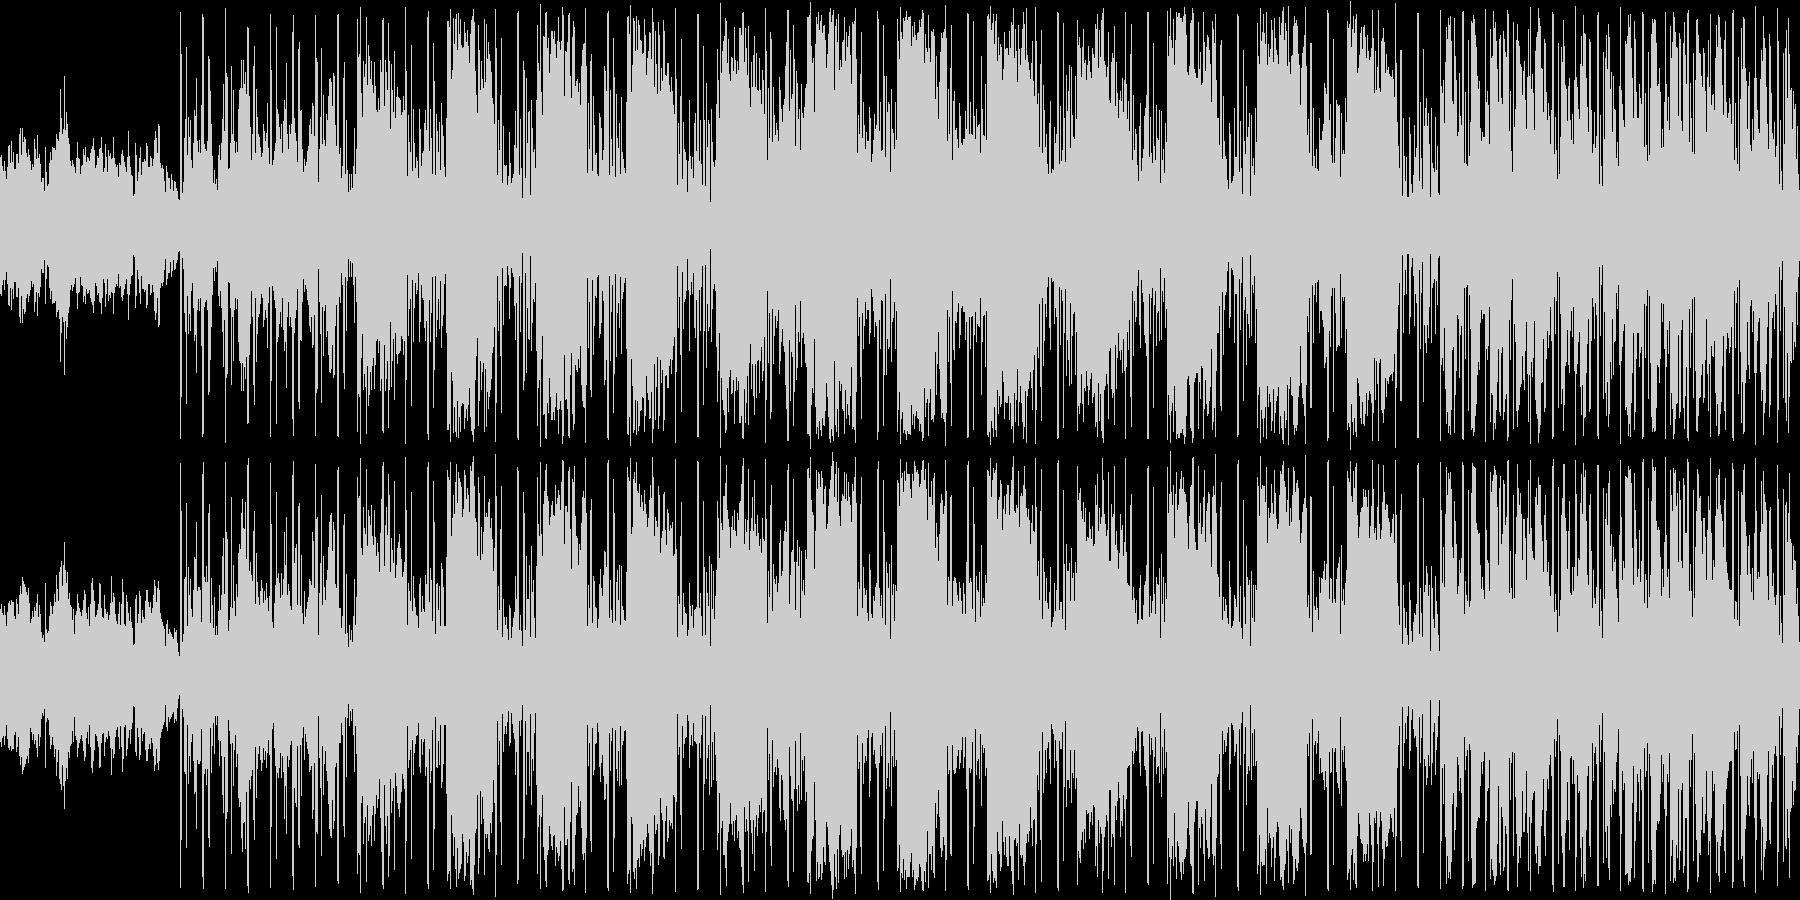 ゆったりとした曲です。BGMです。の未再生の波形